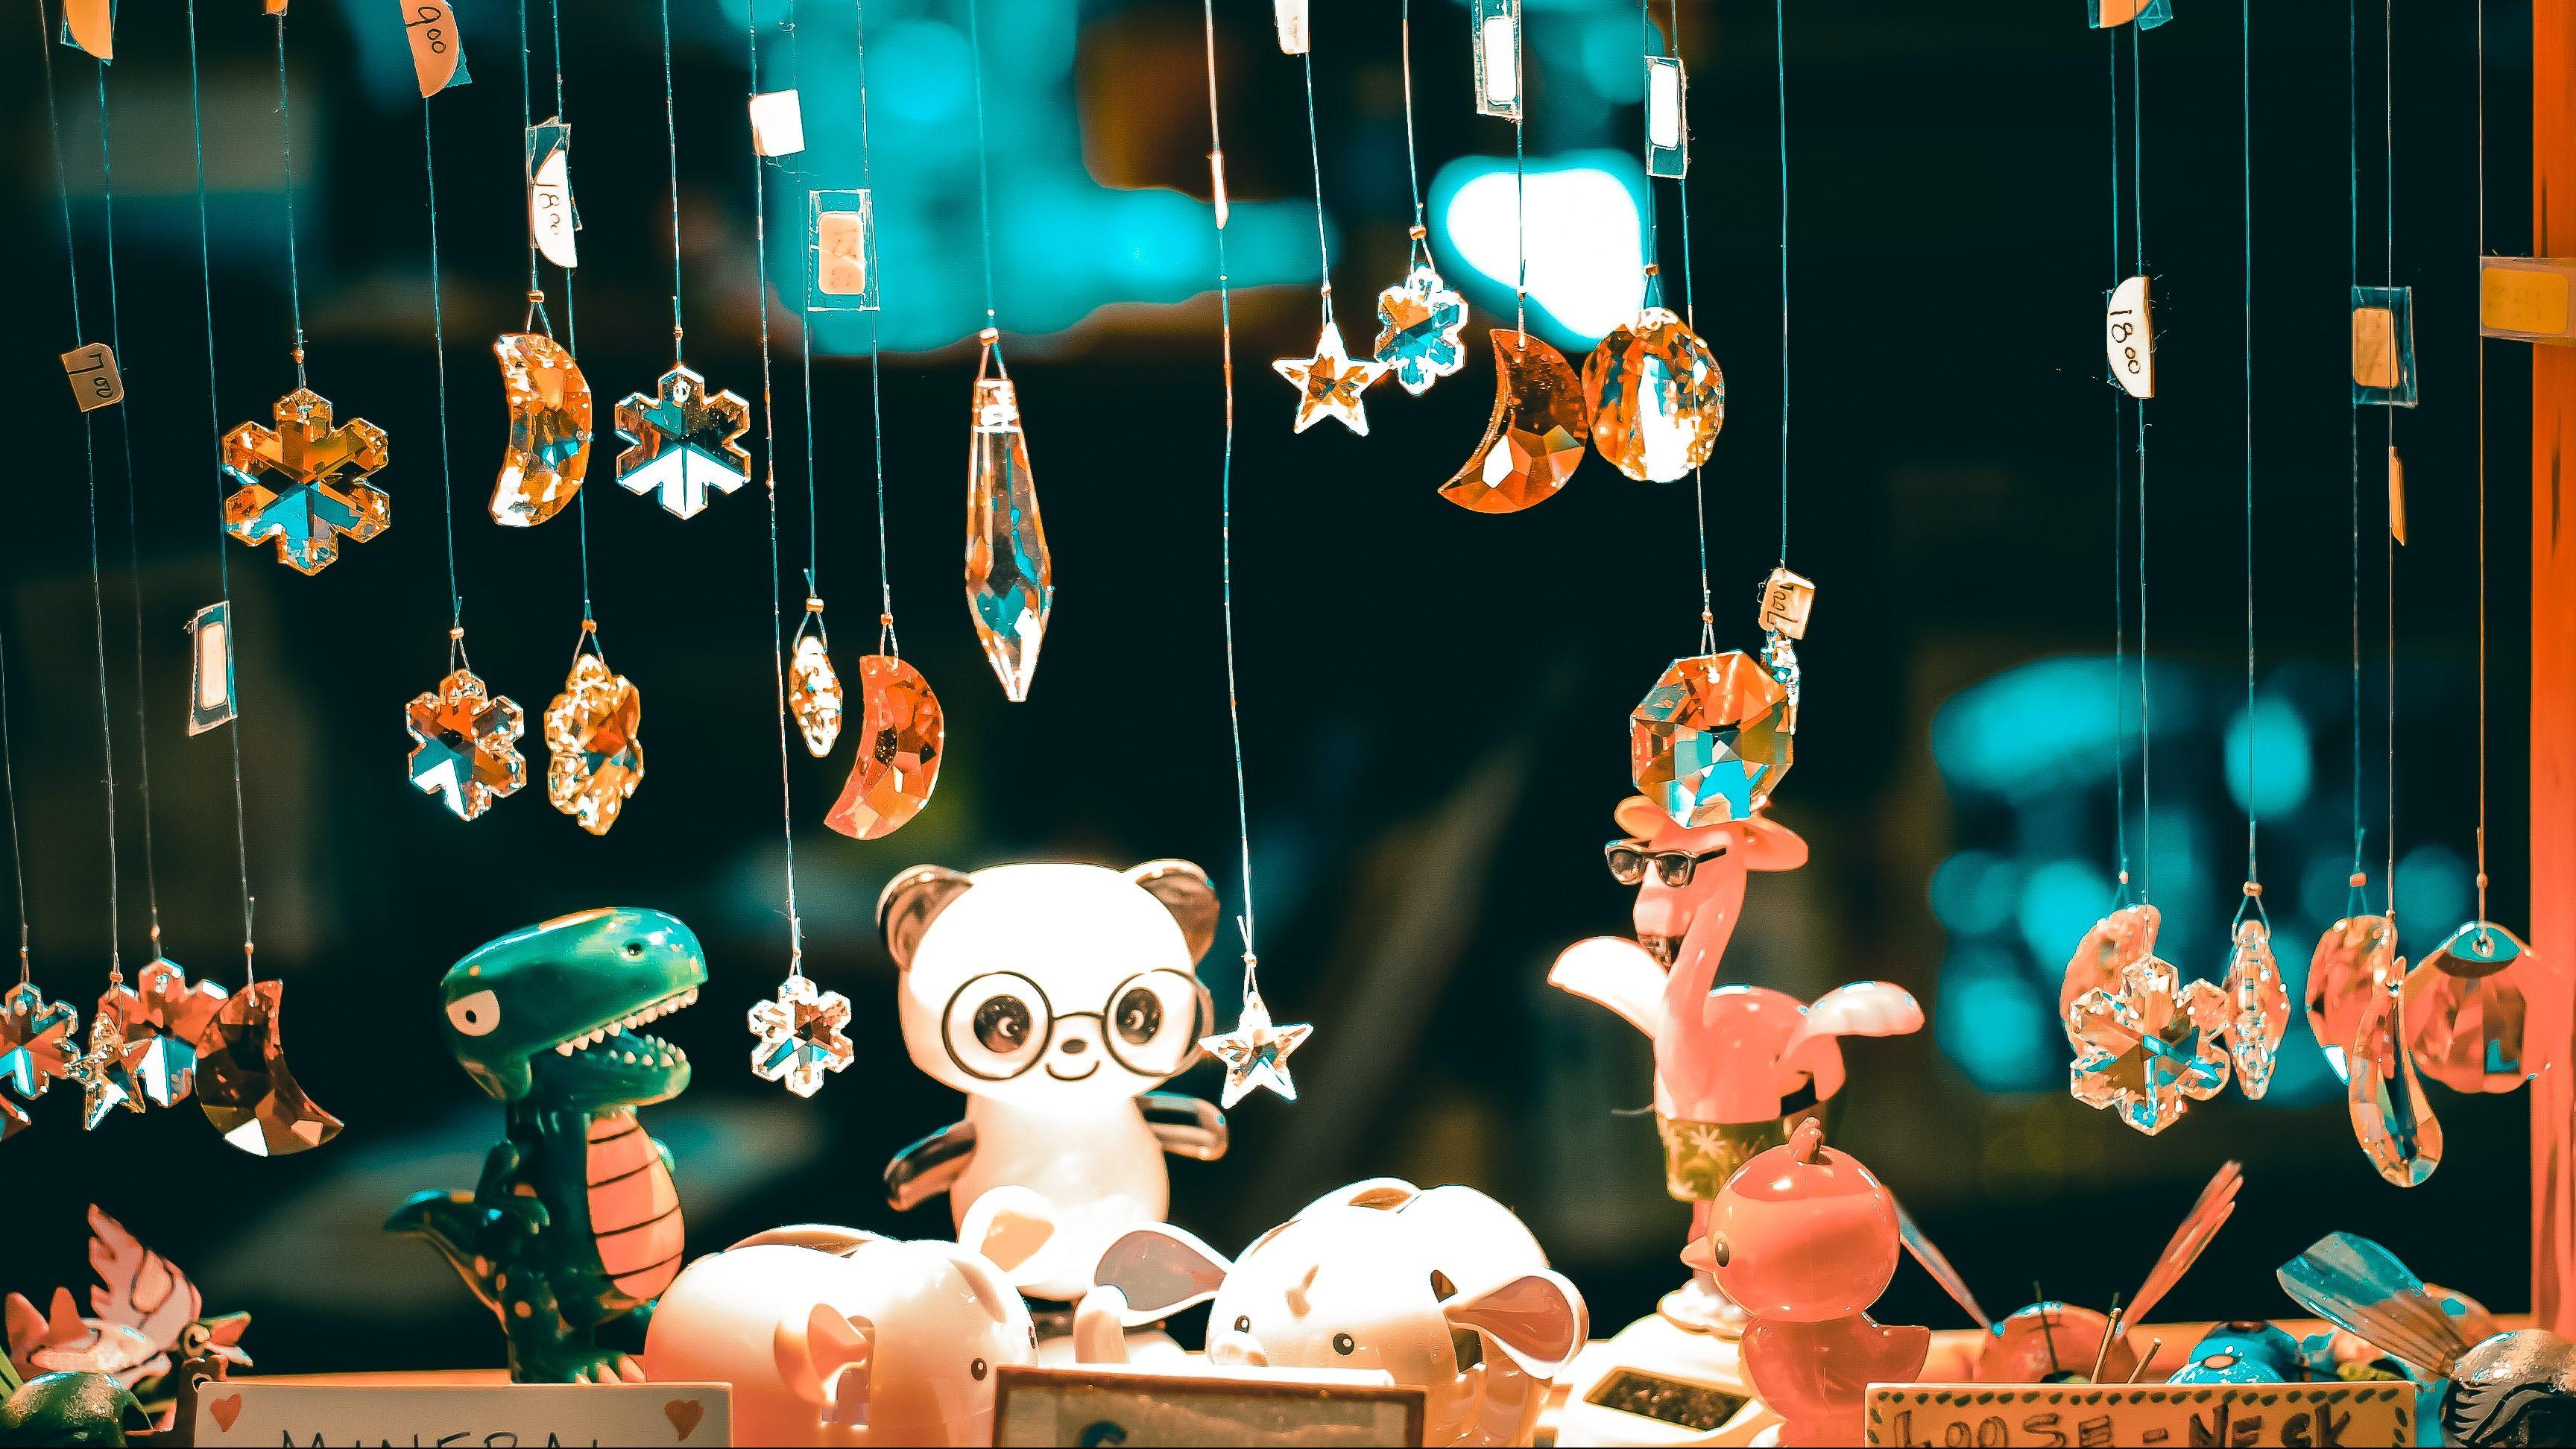 Spielzeugladen für Erwachsene Beschriftungen im Wenn Kinderherzen